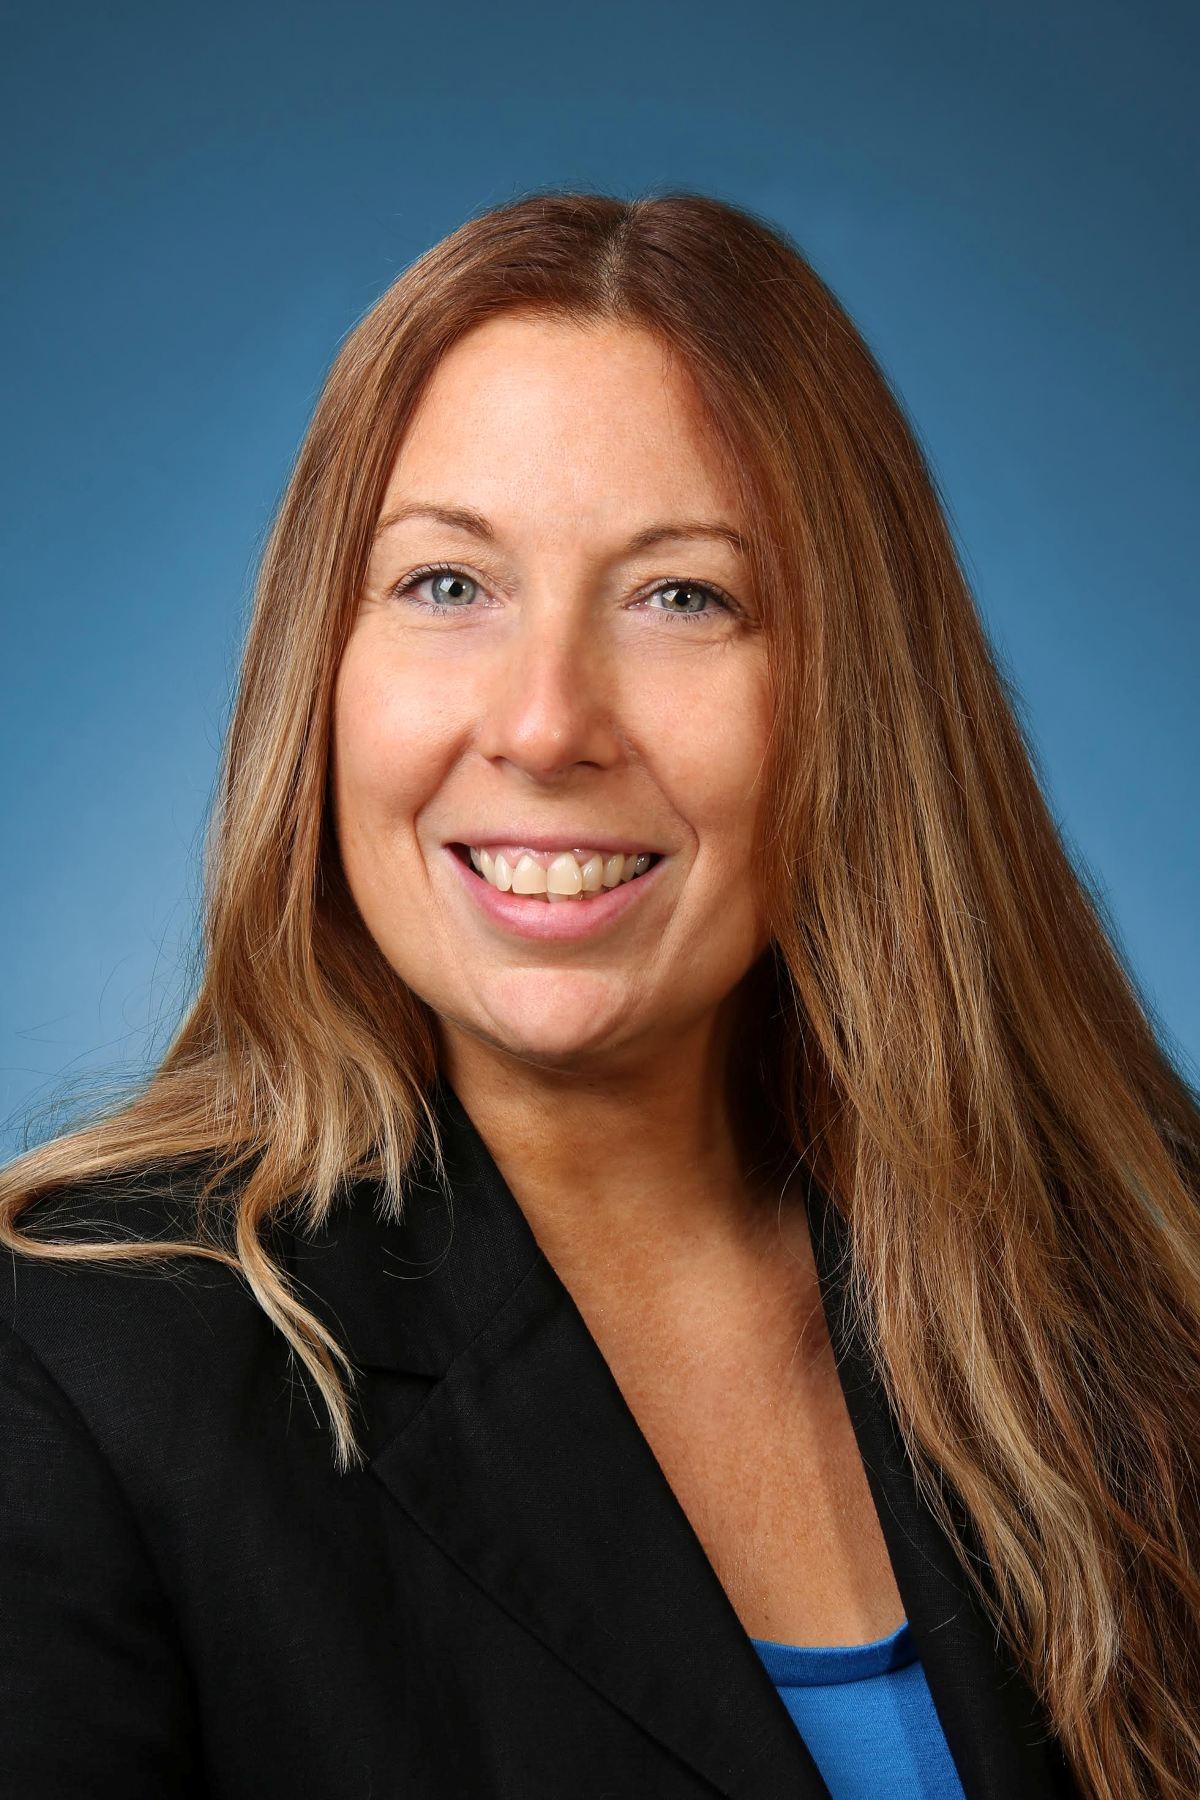 Denise Schroeck